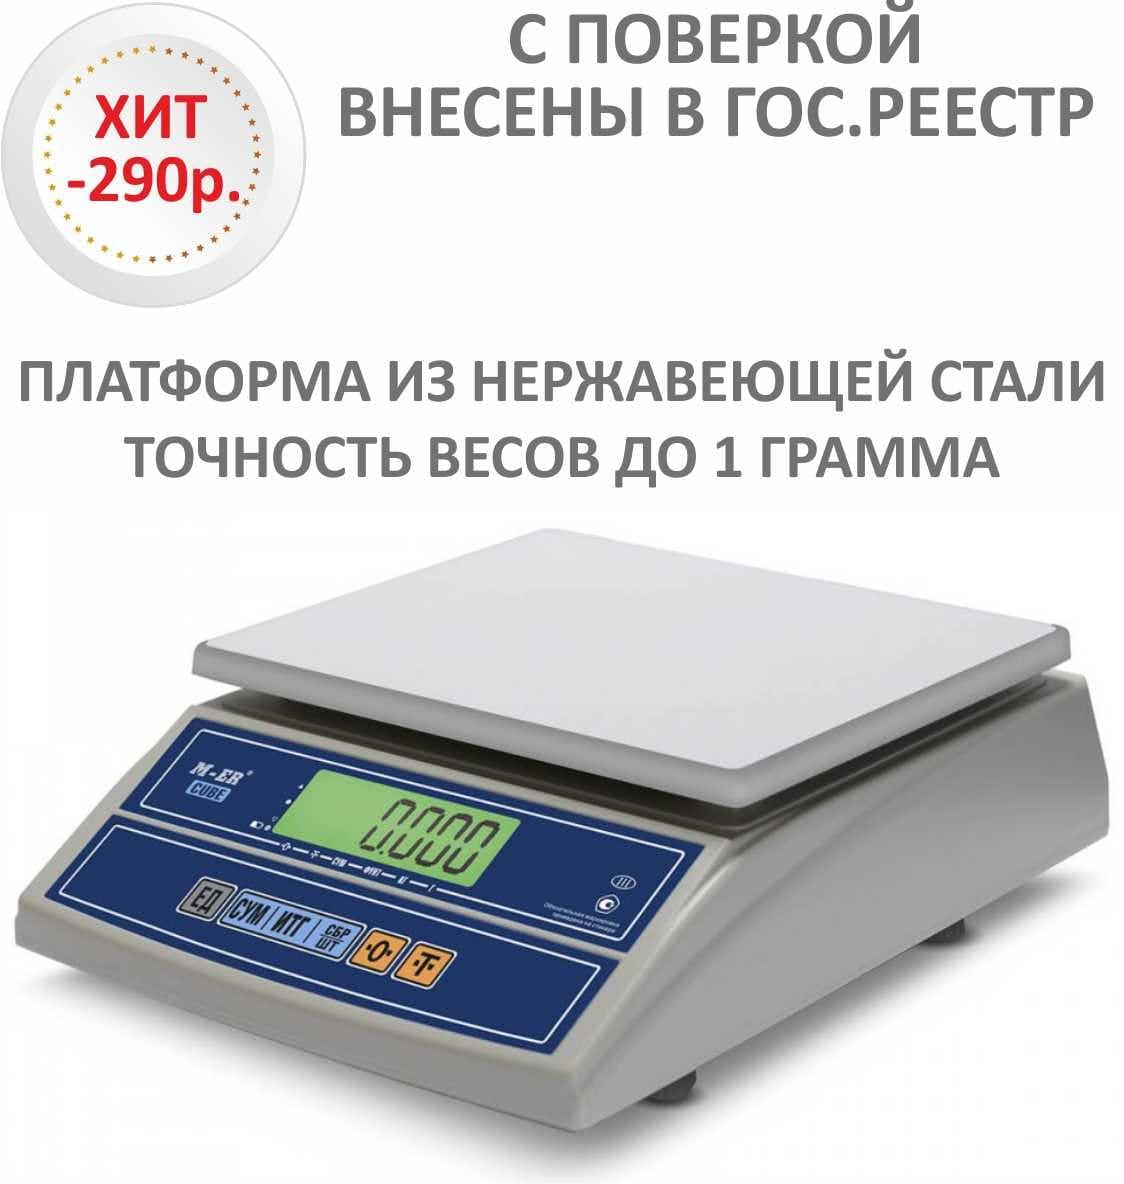 Весы торговые настольные M-ER 326AFL-6.1/15.2/32.5 Cube LCD - вид спереди